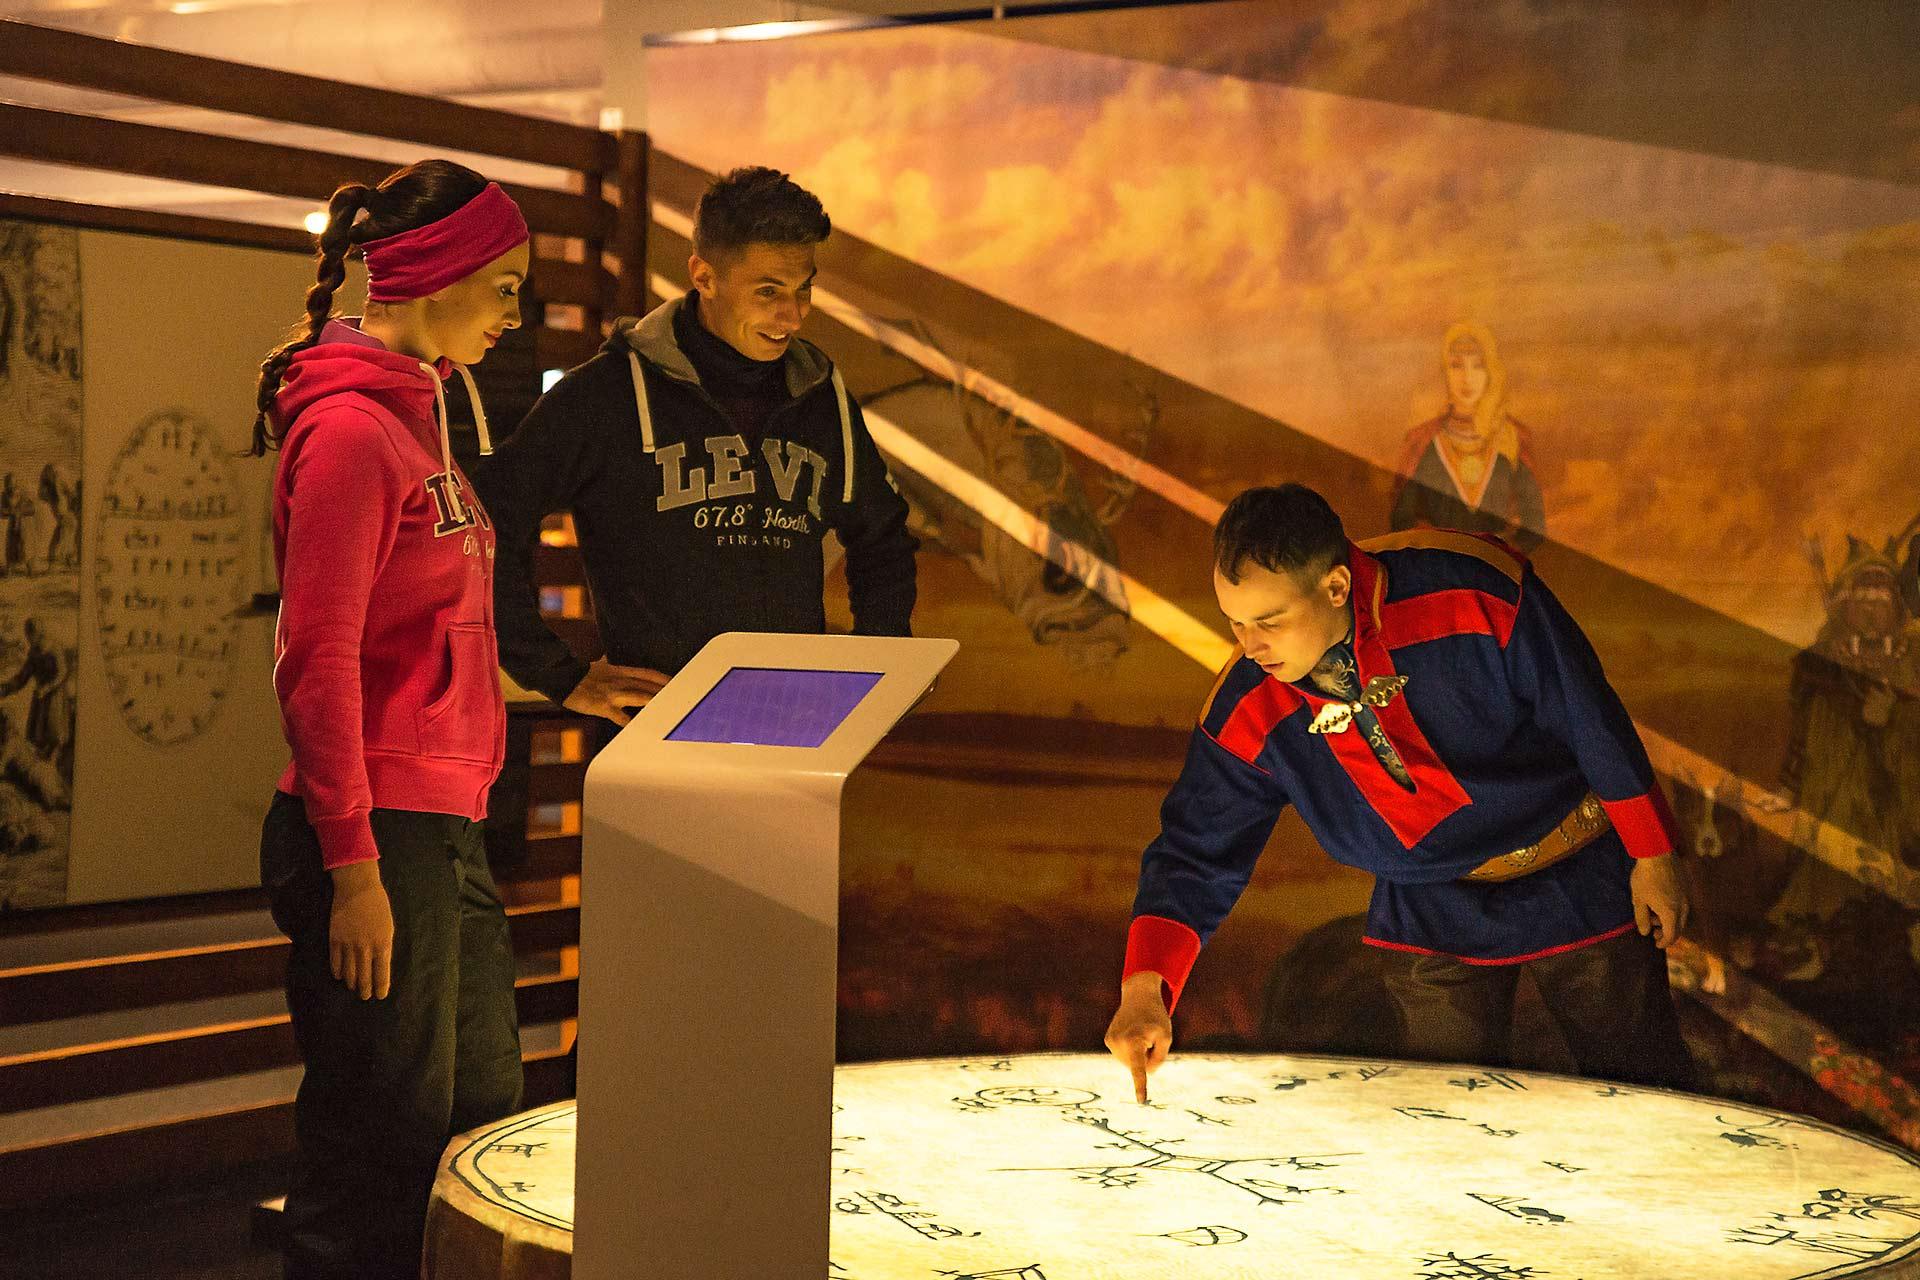 Tapahtumakeskus Levi Summitissa sijaitseva Samiland -näyttely kertoo saamelaisista.